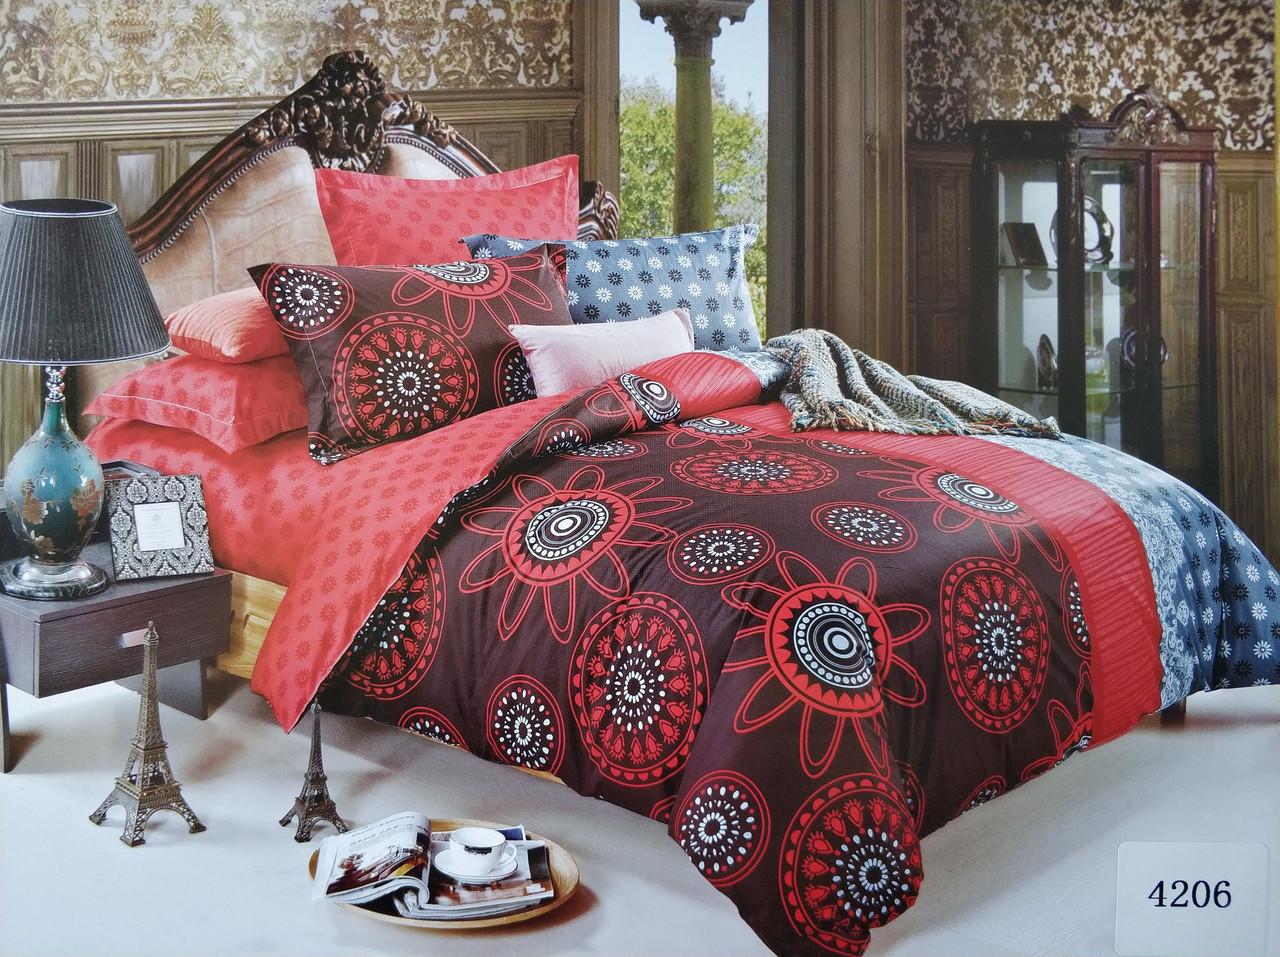 Сатиновое постельное белье семейное ELWAY 4206 «Абстракция»